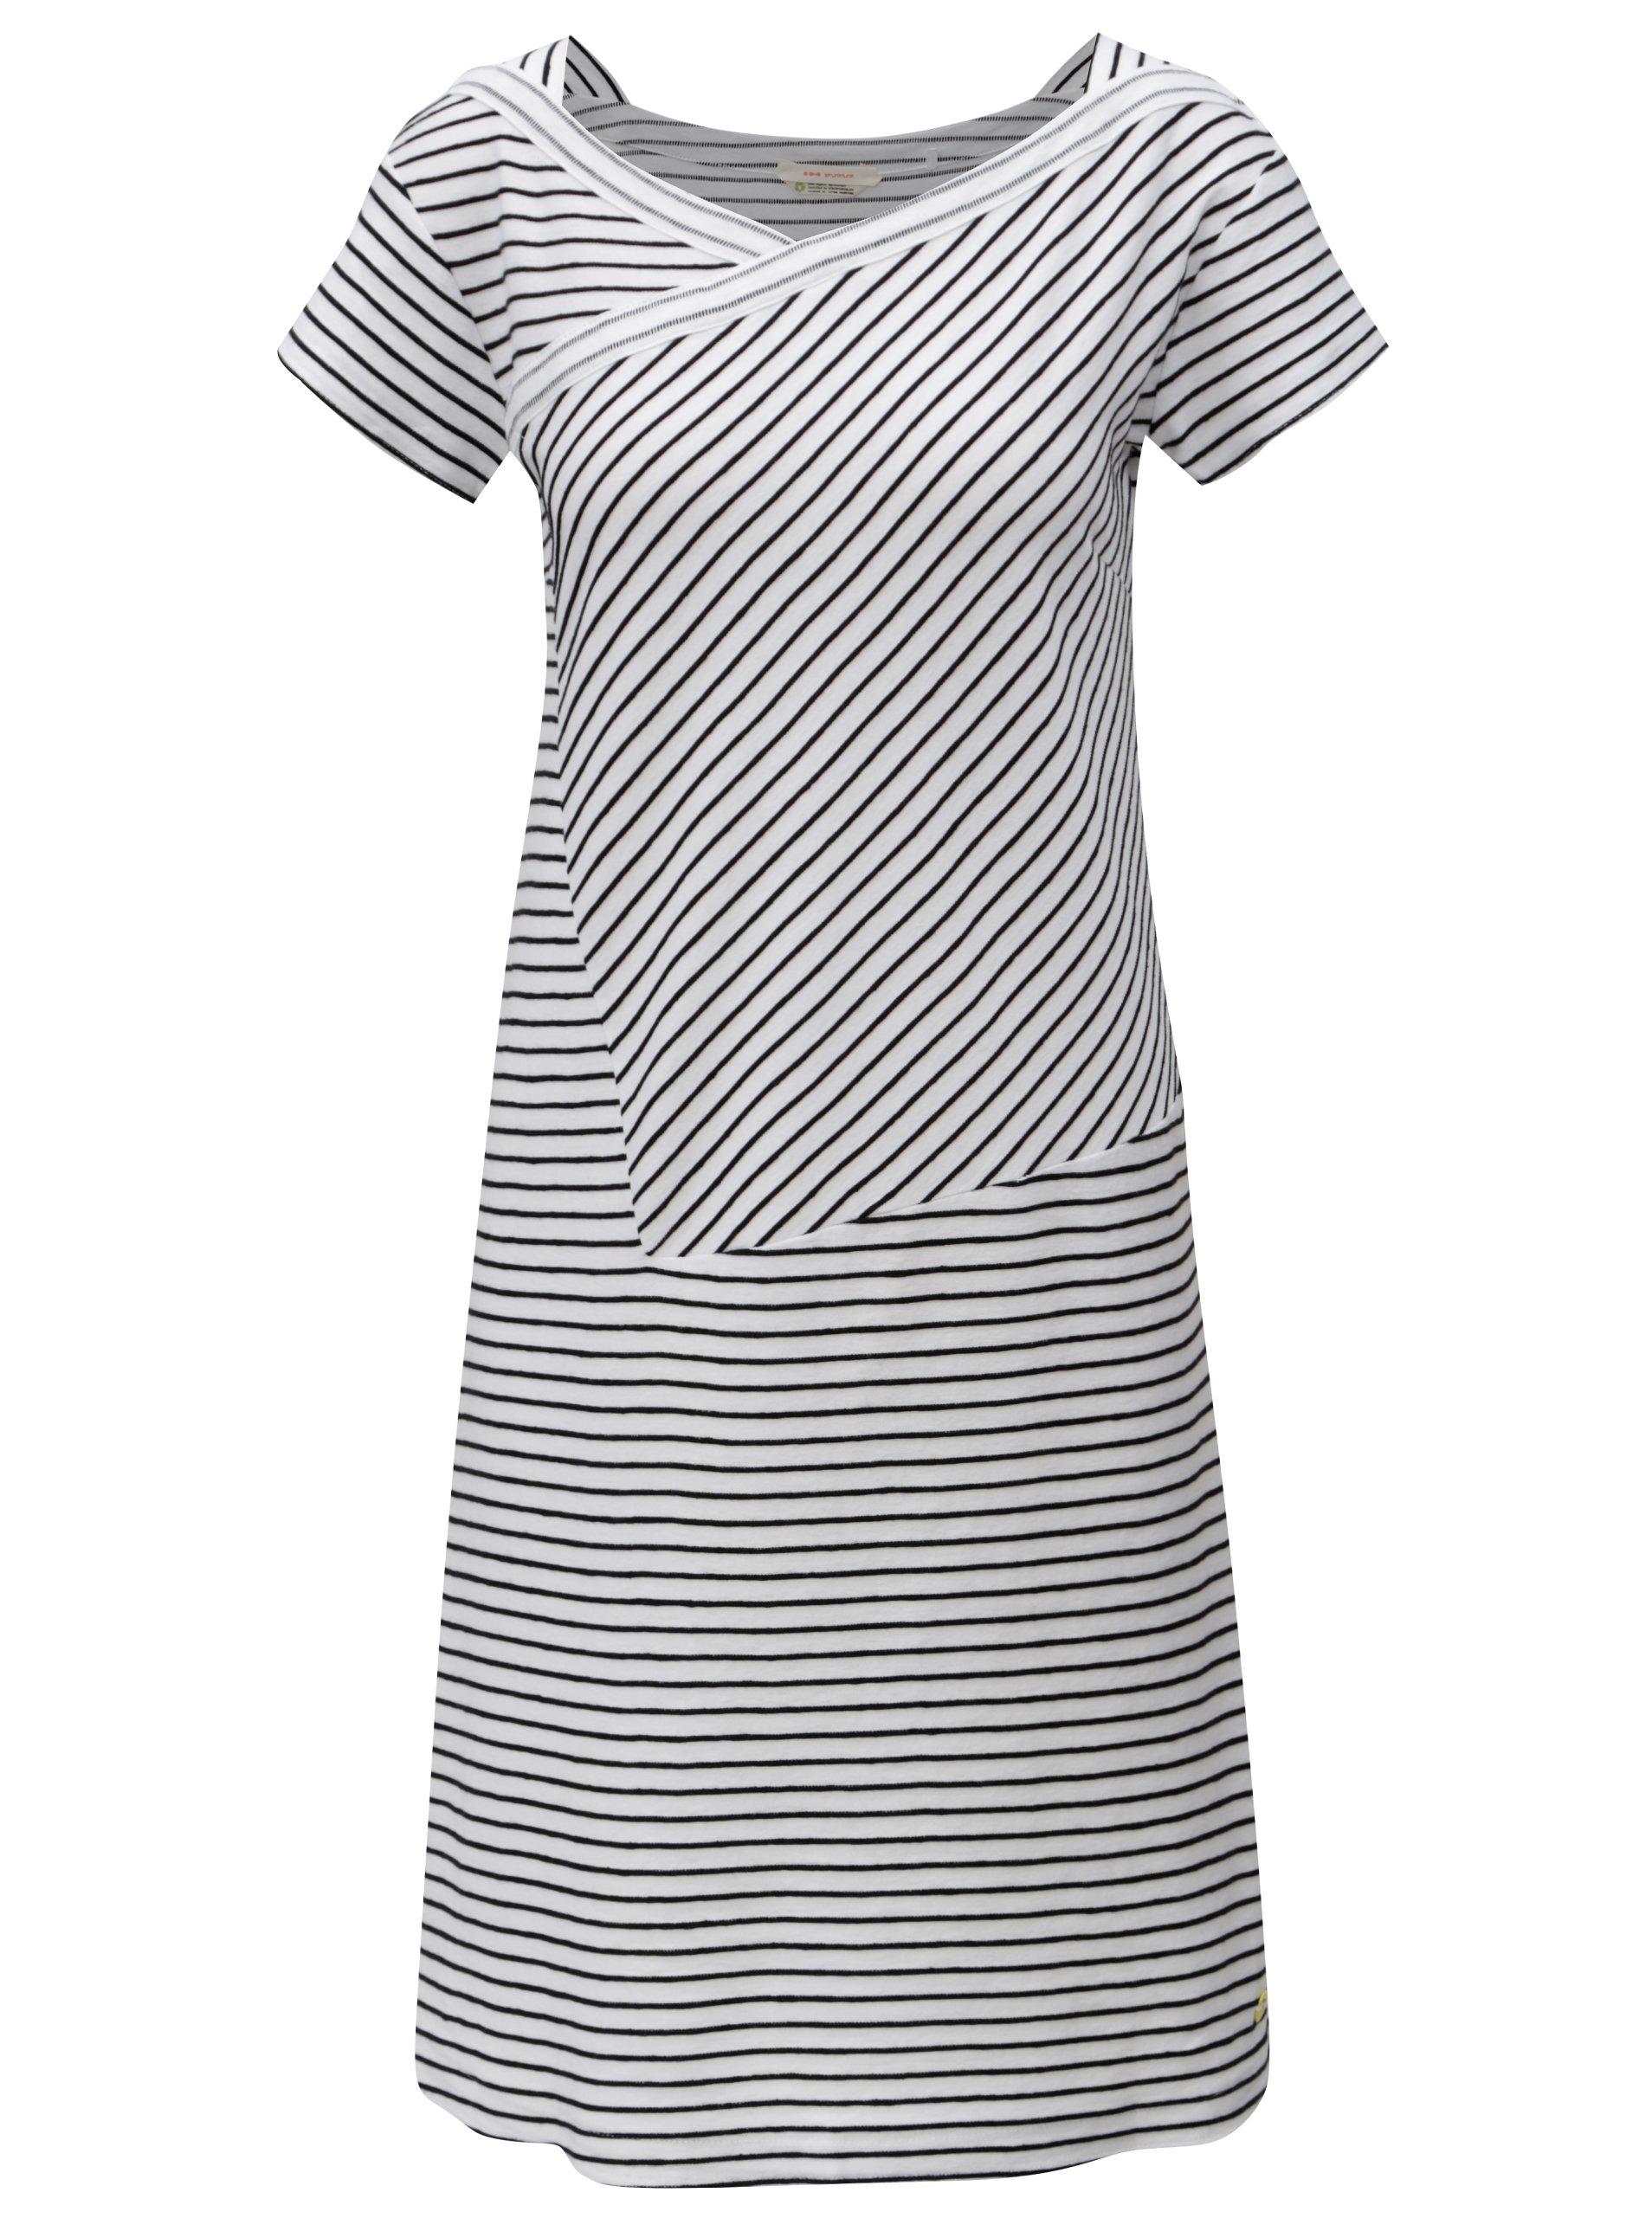 Černo-bílé pruhované šaty SKFK